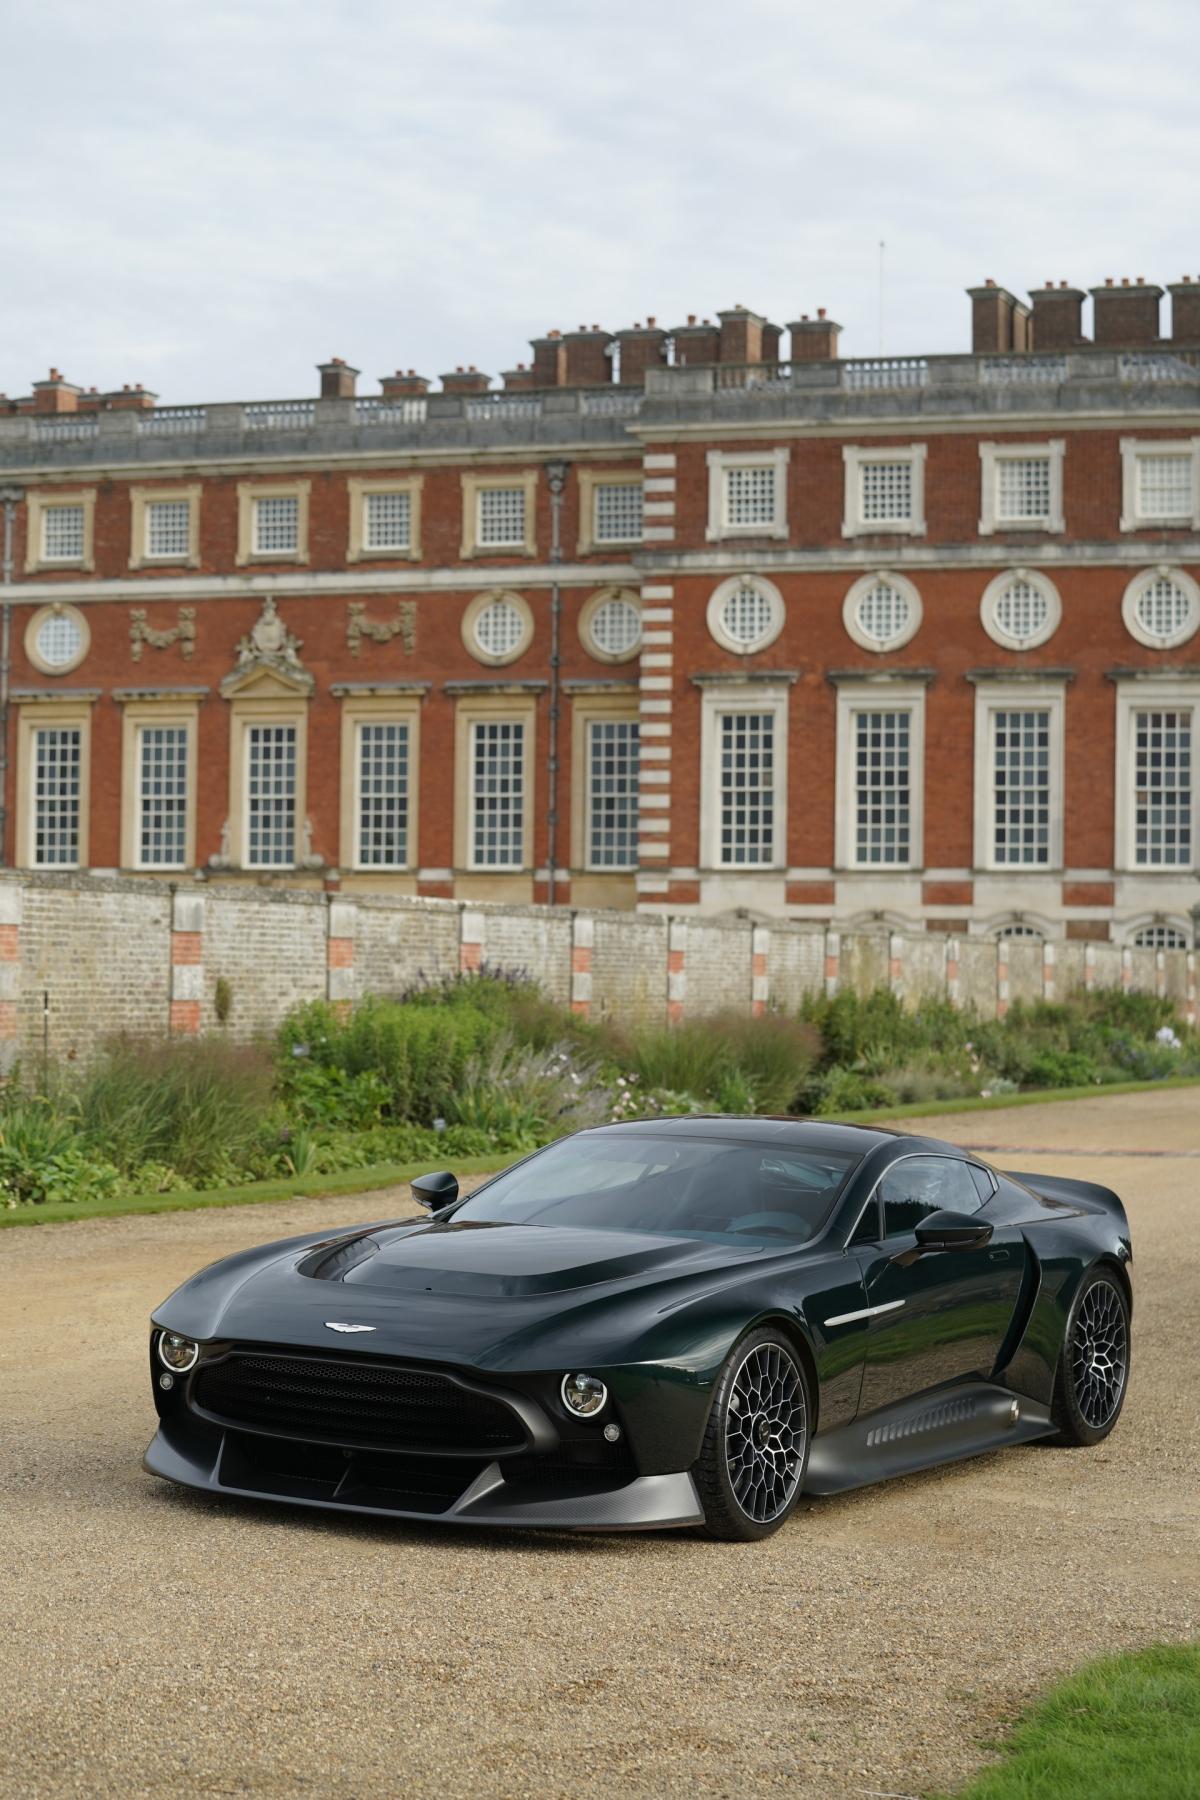 Giống với nhiều hãng siêu xe, xe sang trên khắp thế giới, Aston Martin cũng sở hữu cho mình bộ phận cá nhân hóa riêng có tên gọi là Q Division